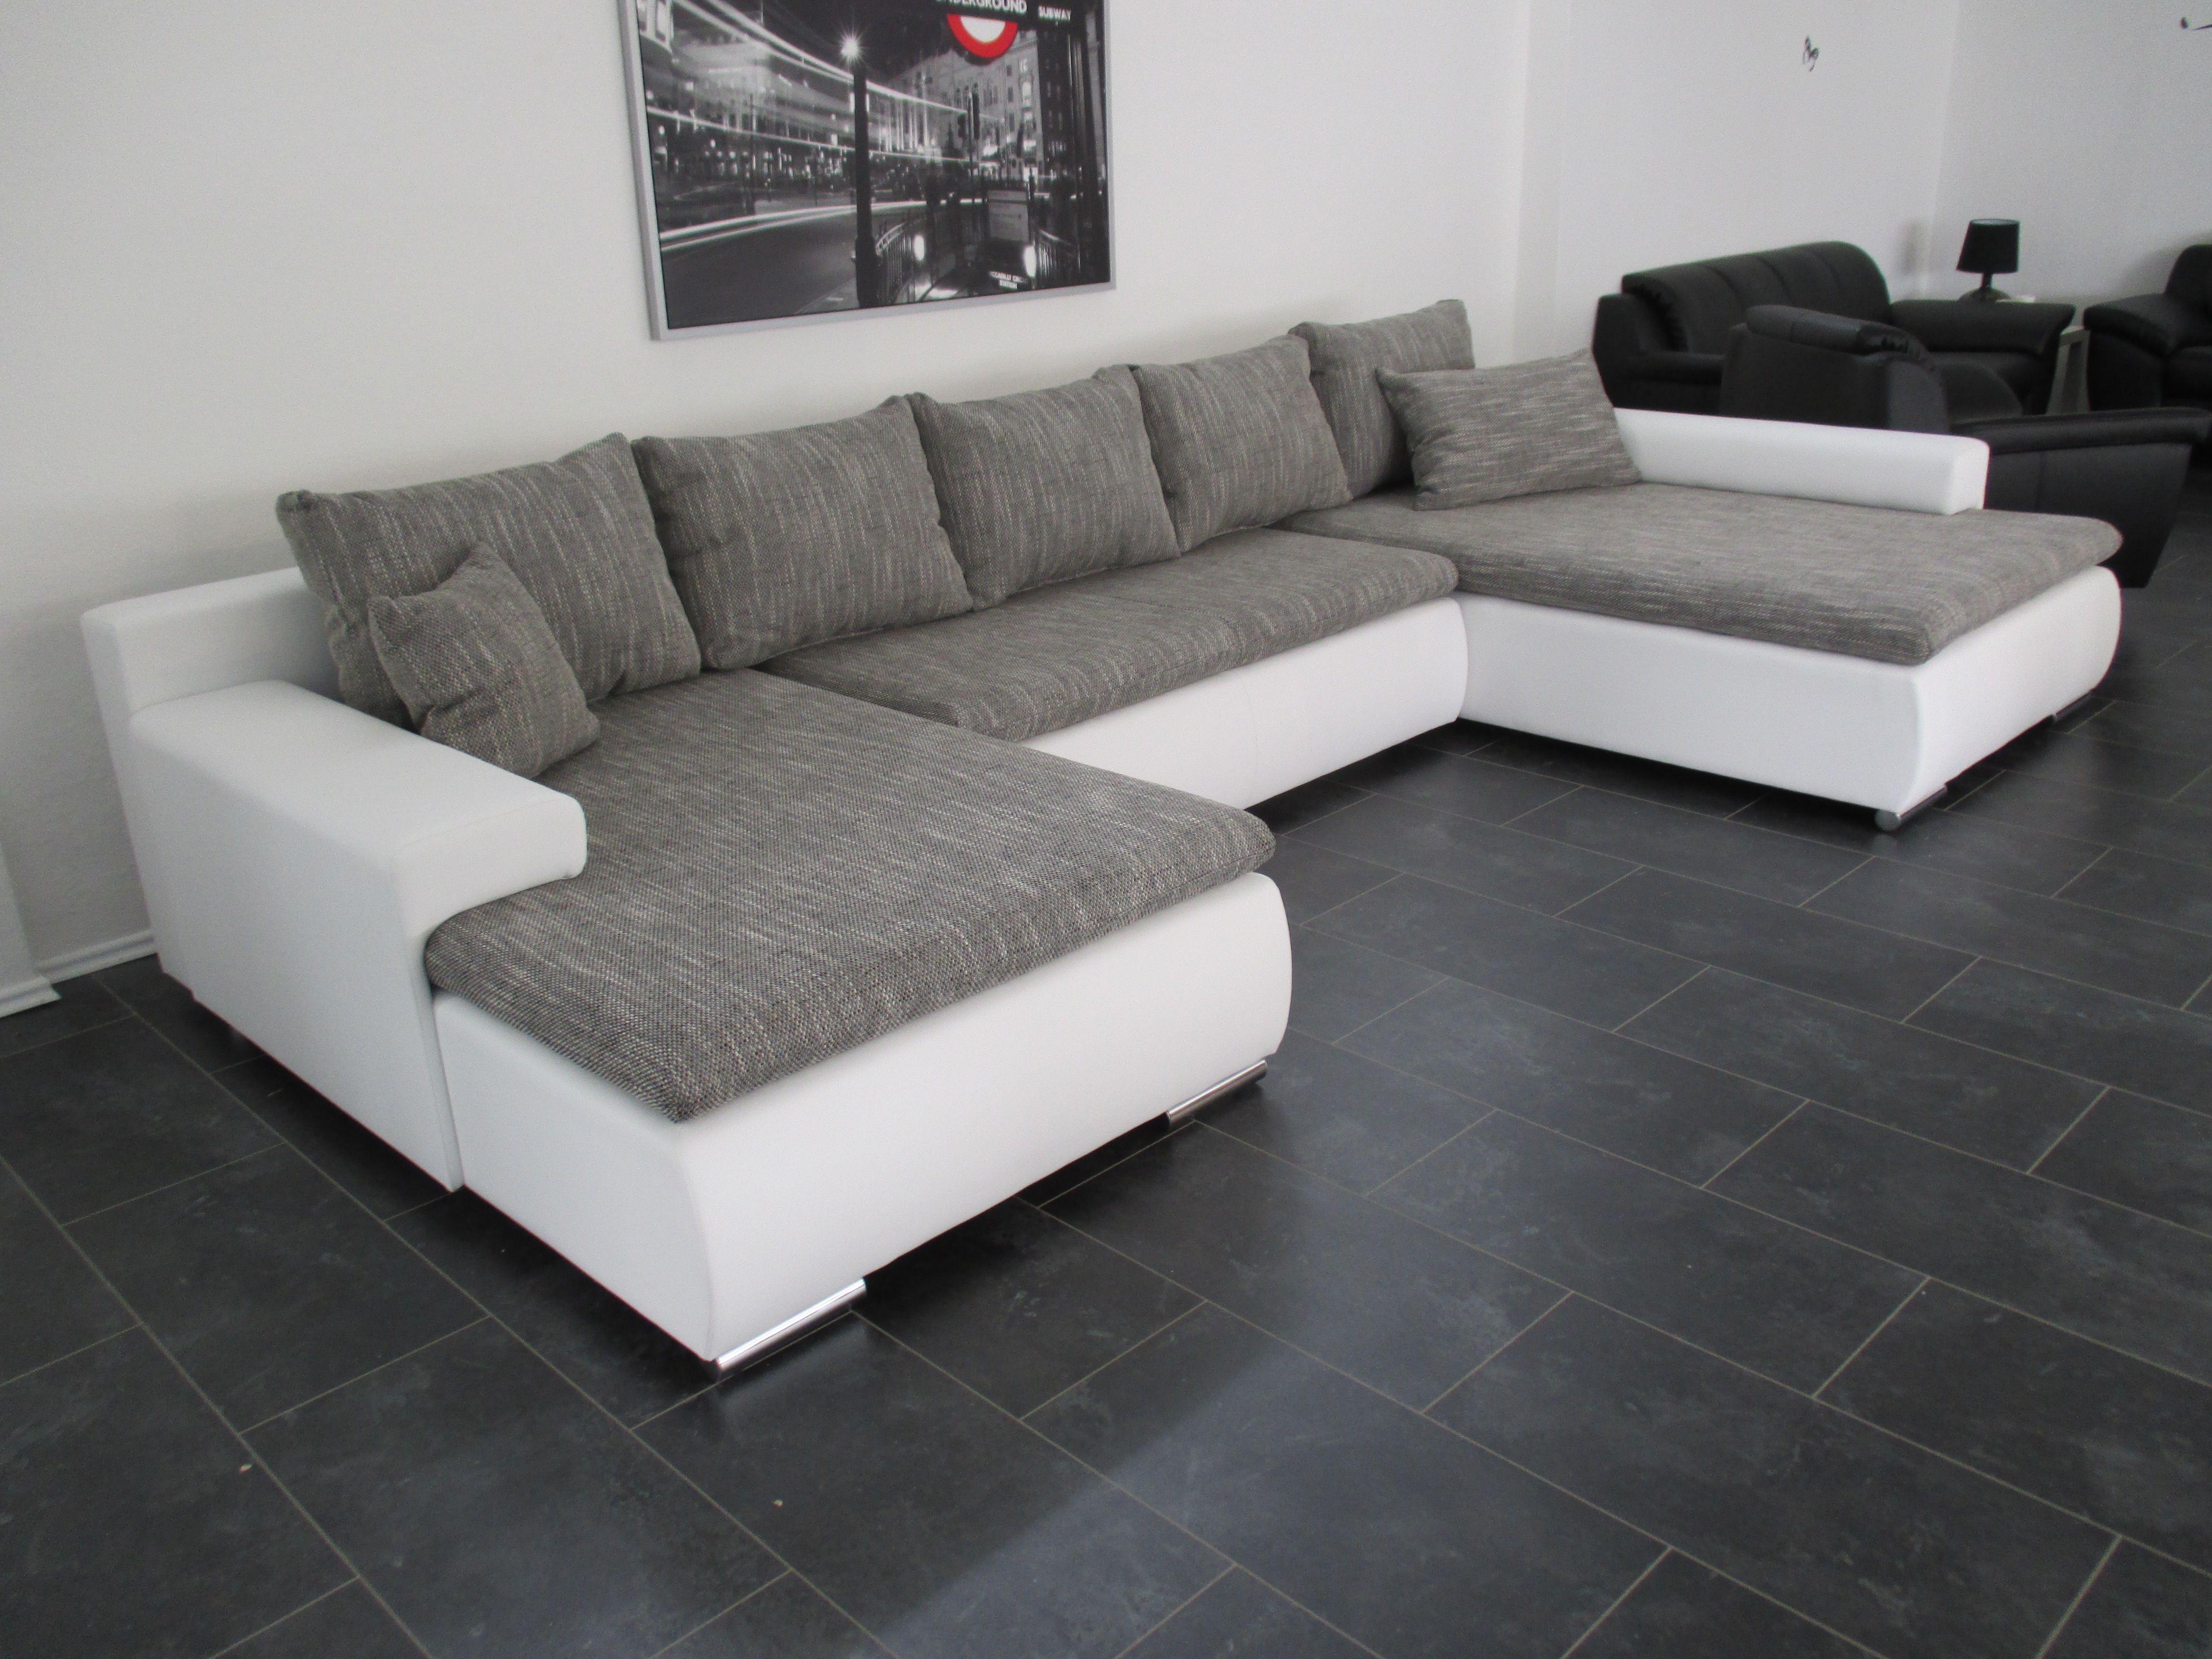 Sofa lagerverkauf fabrikverkauf elkenroth polsterm bel for Lagerverkauf couch